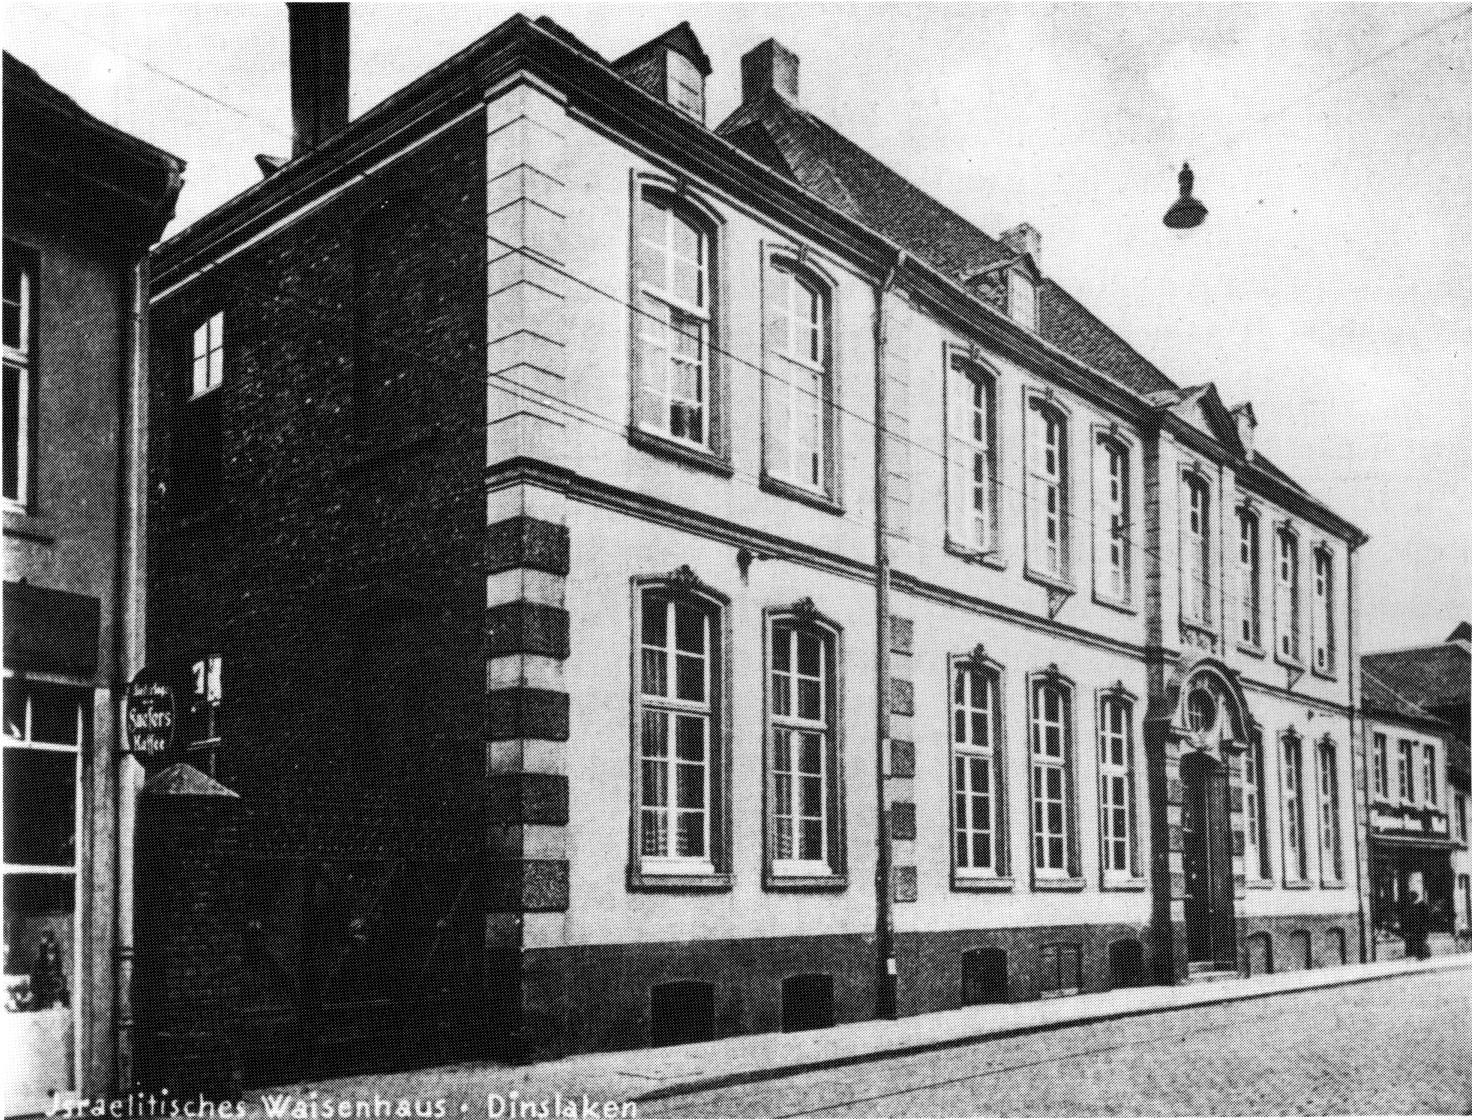 http://www.altstadt-dinslaken.de/Geschichte/Bilder/1930Waisenhaus.jpg